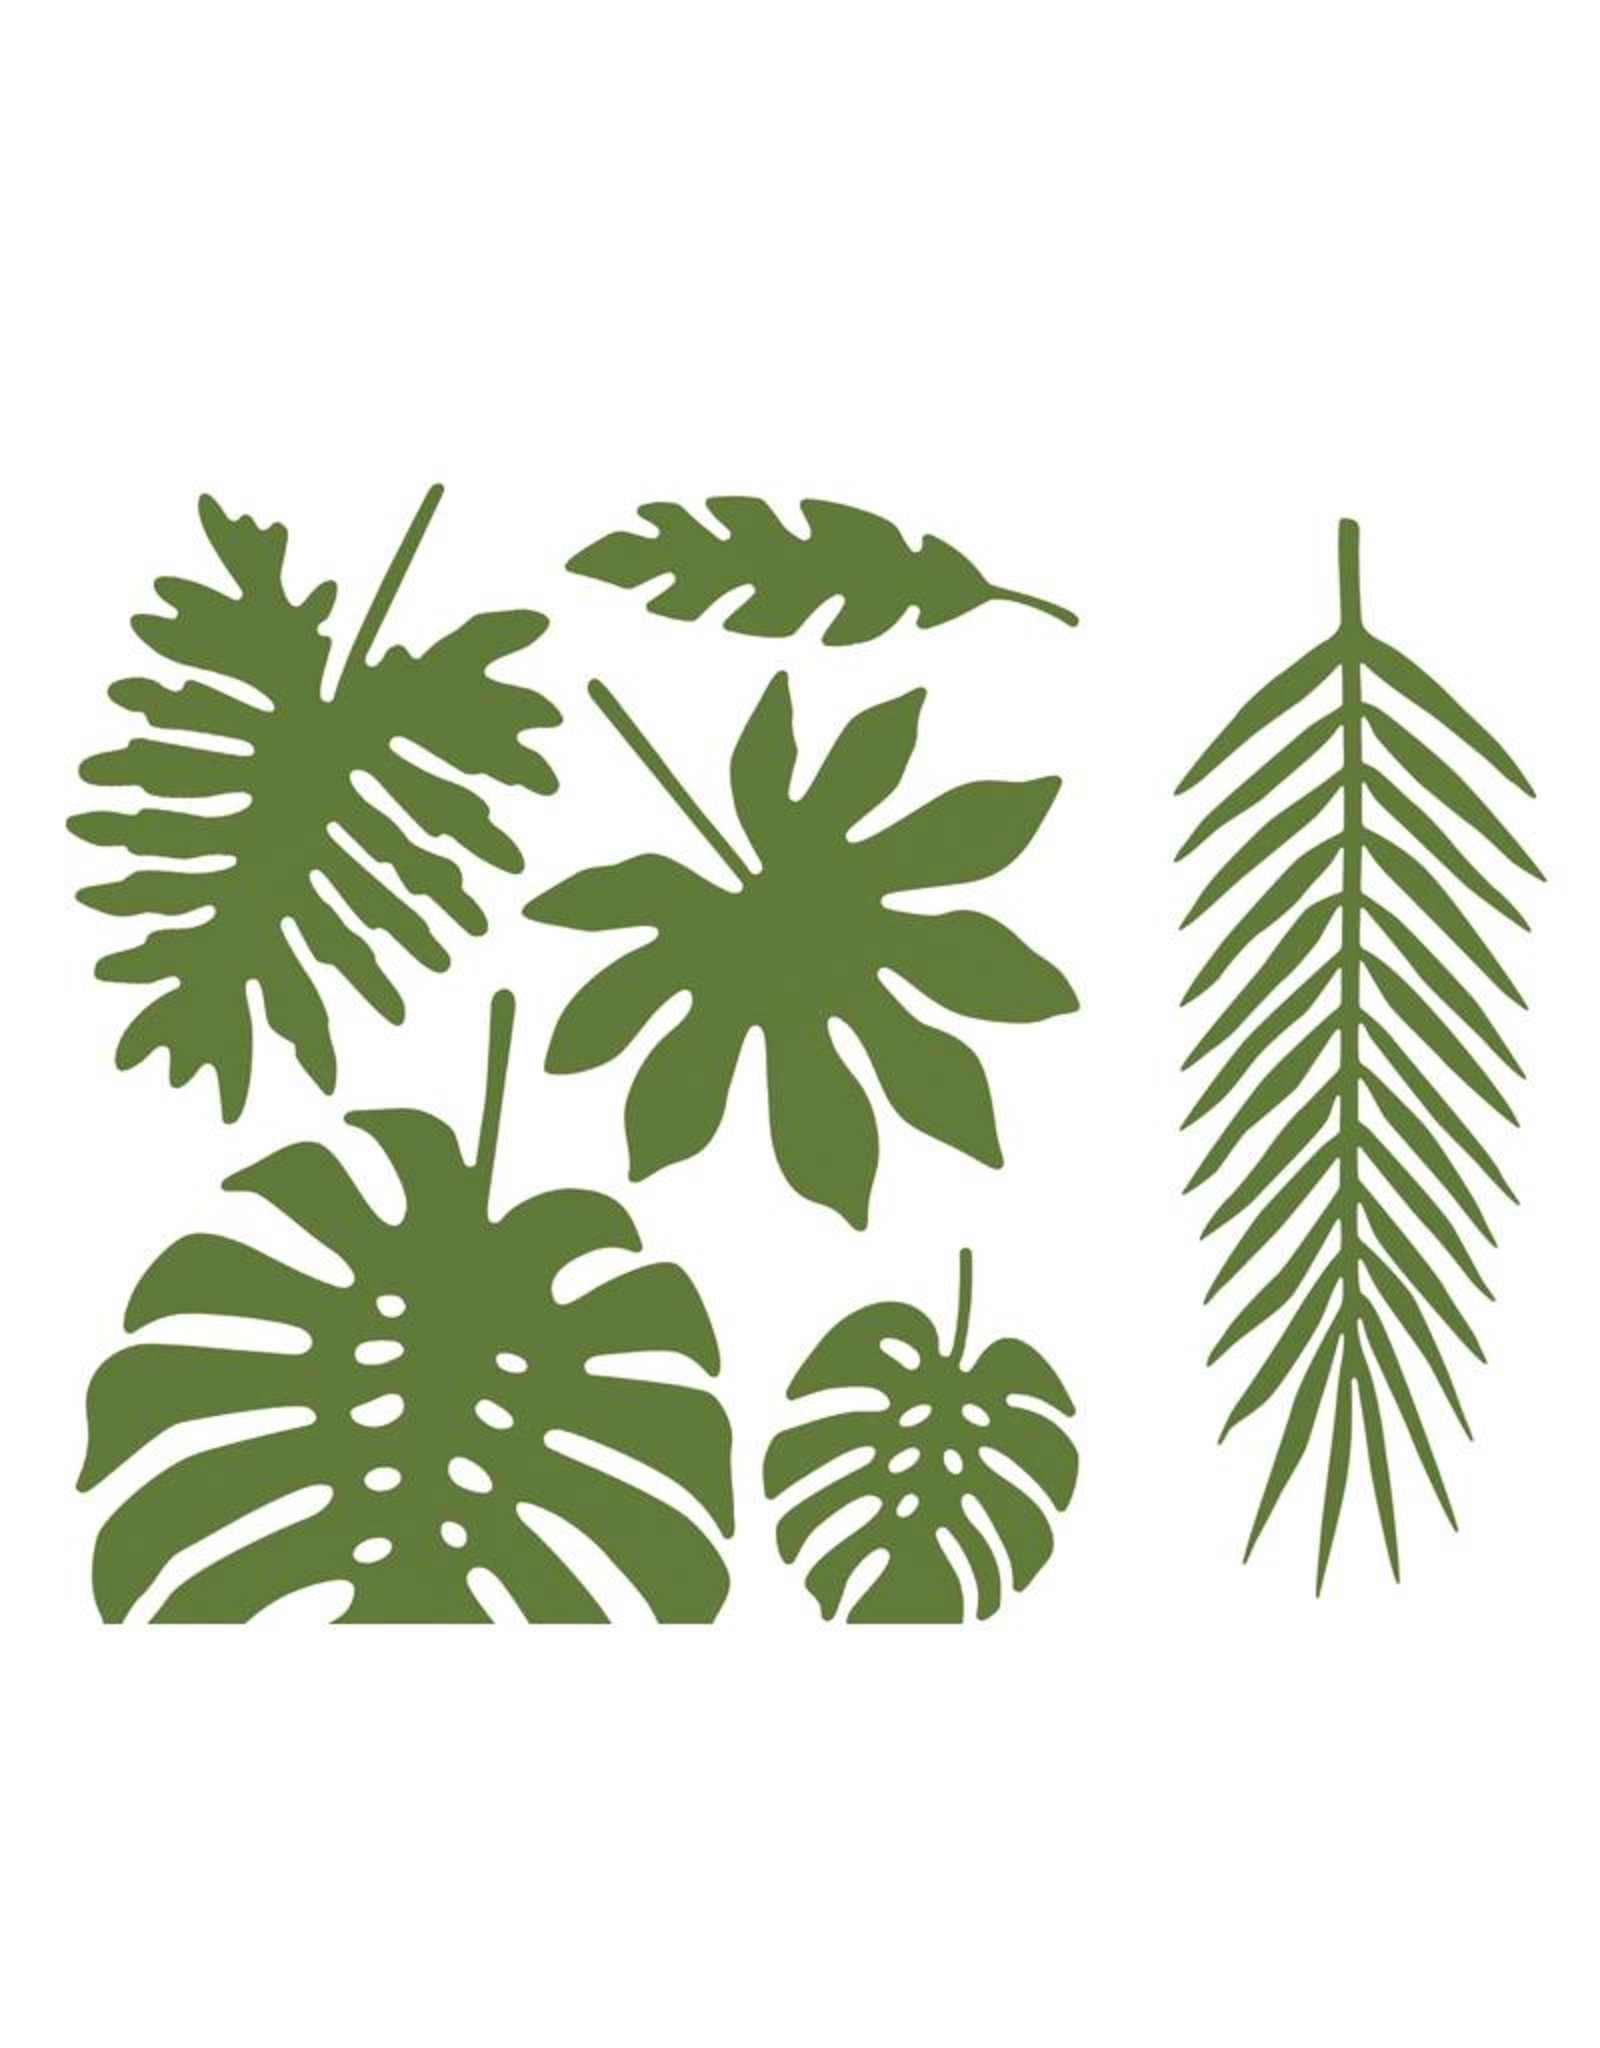 PartyDeco Decoratie bladeren tropical leaves | 21 stuks